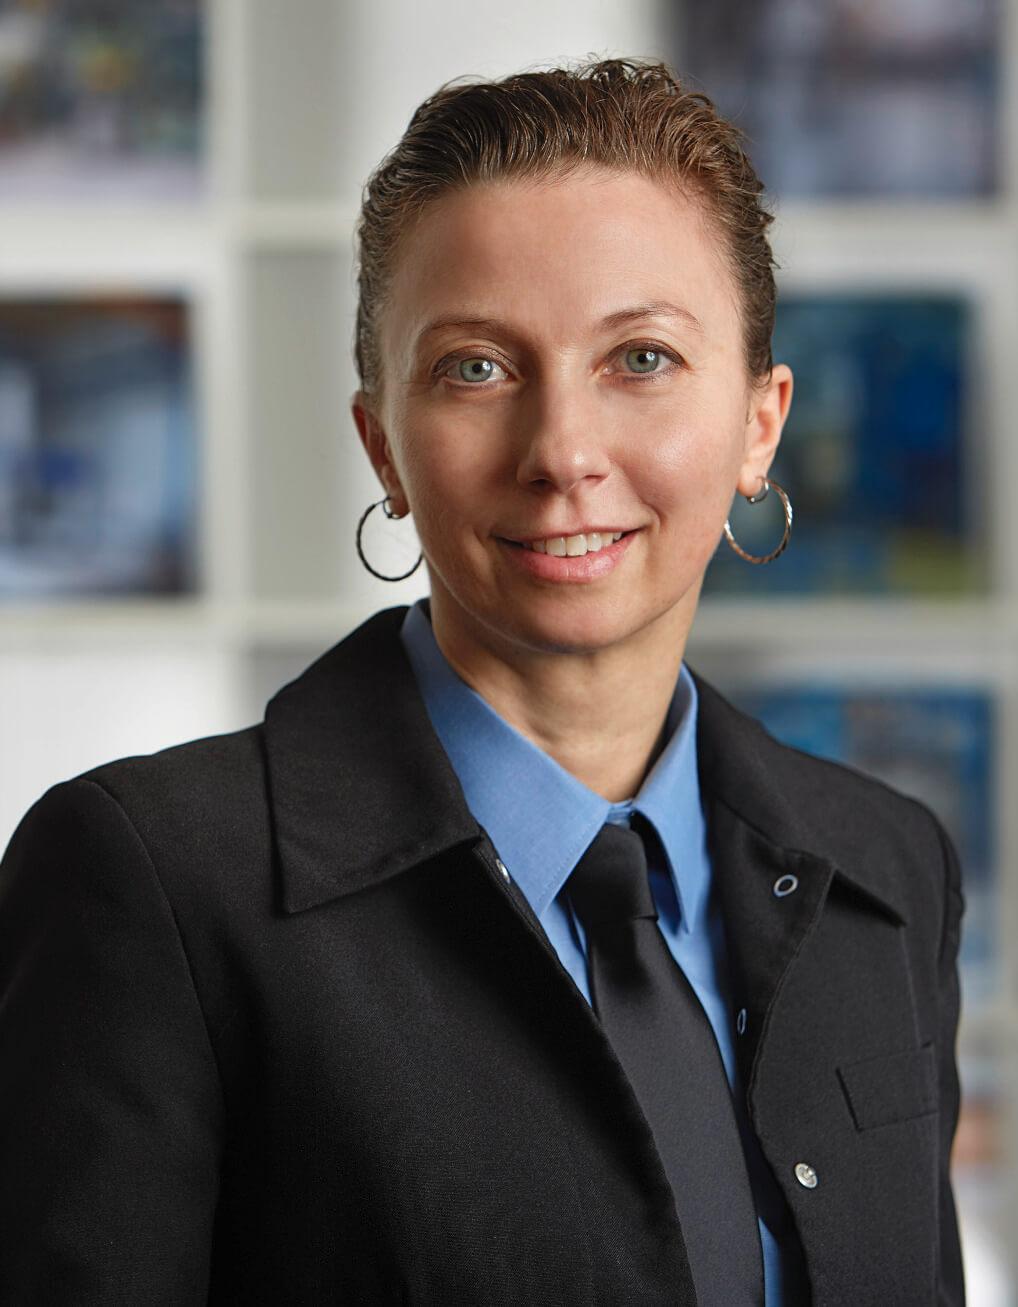 Rechtsanwältin Katja Dönges - Spezialistin für die Begleitung von Gläubigern